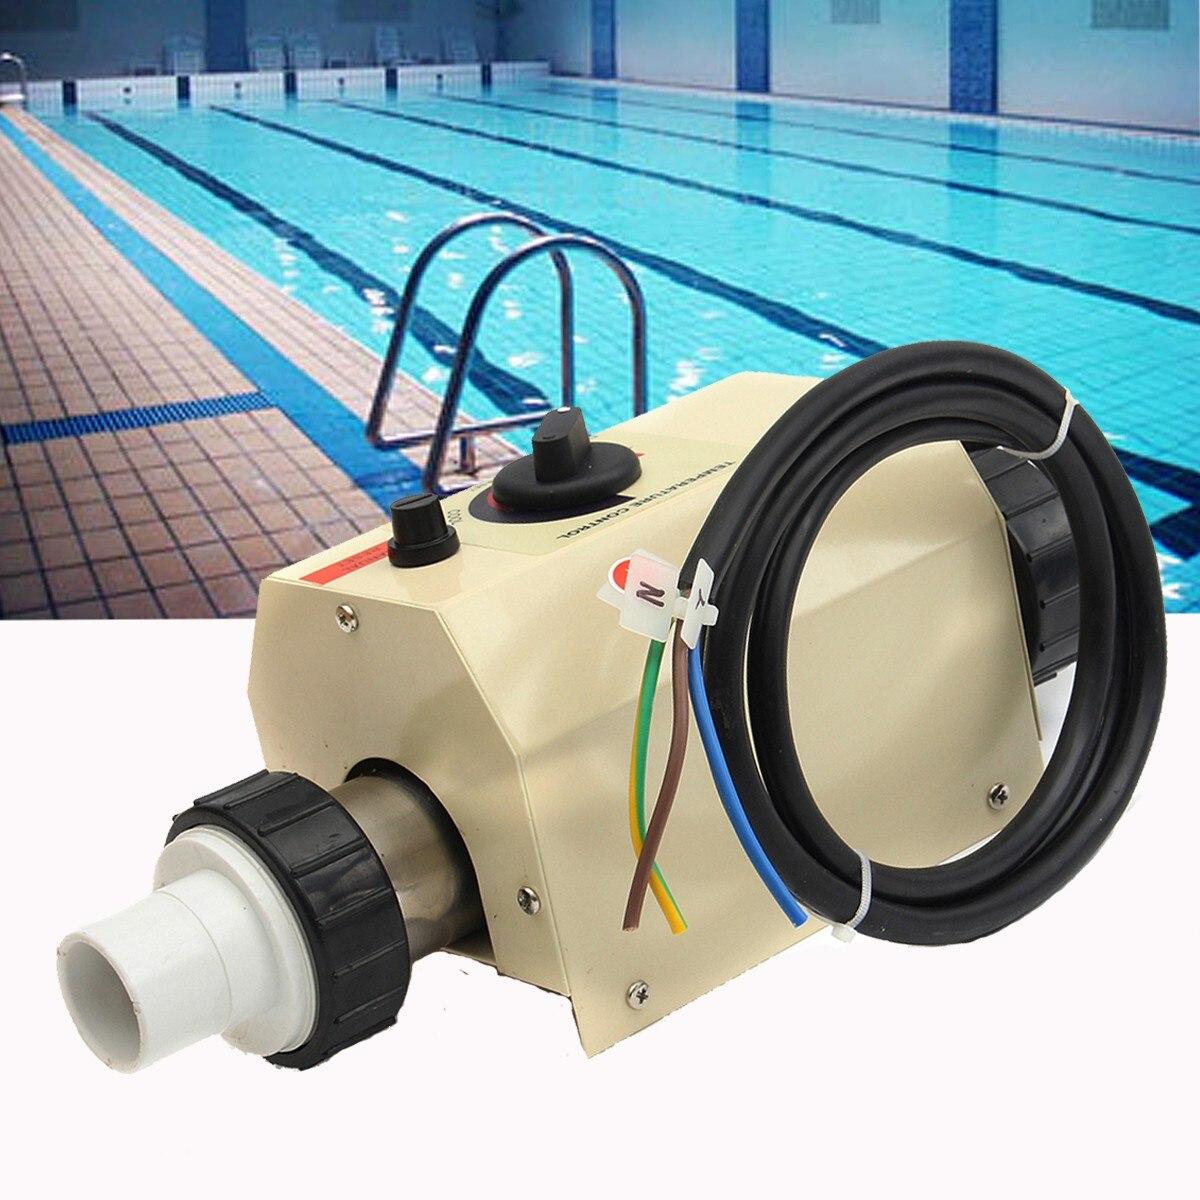 2KW 220 V piscine pompe à chaleur Sports nautiques piscine électrique et SPA bain chauffage baignoire chauffe-eau Thermostat